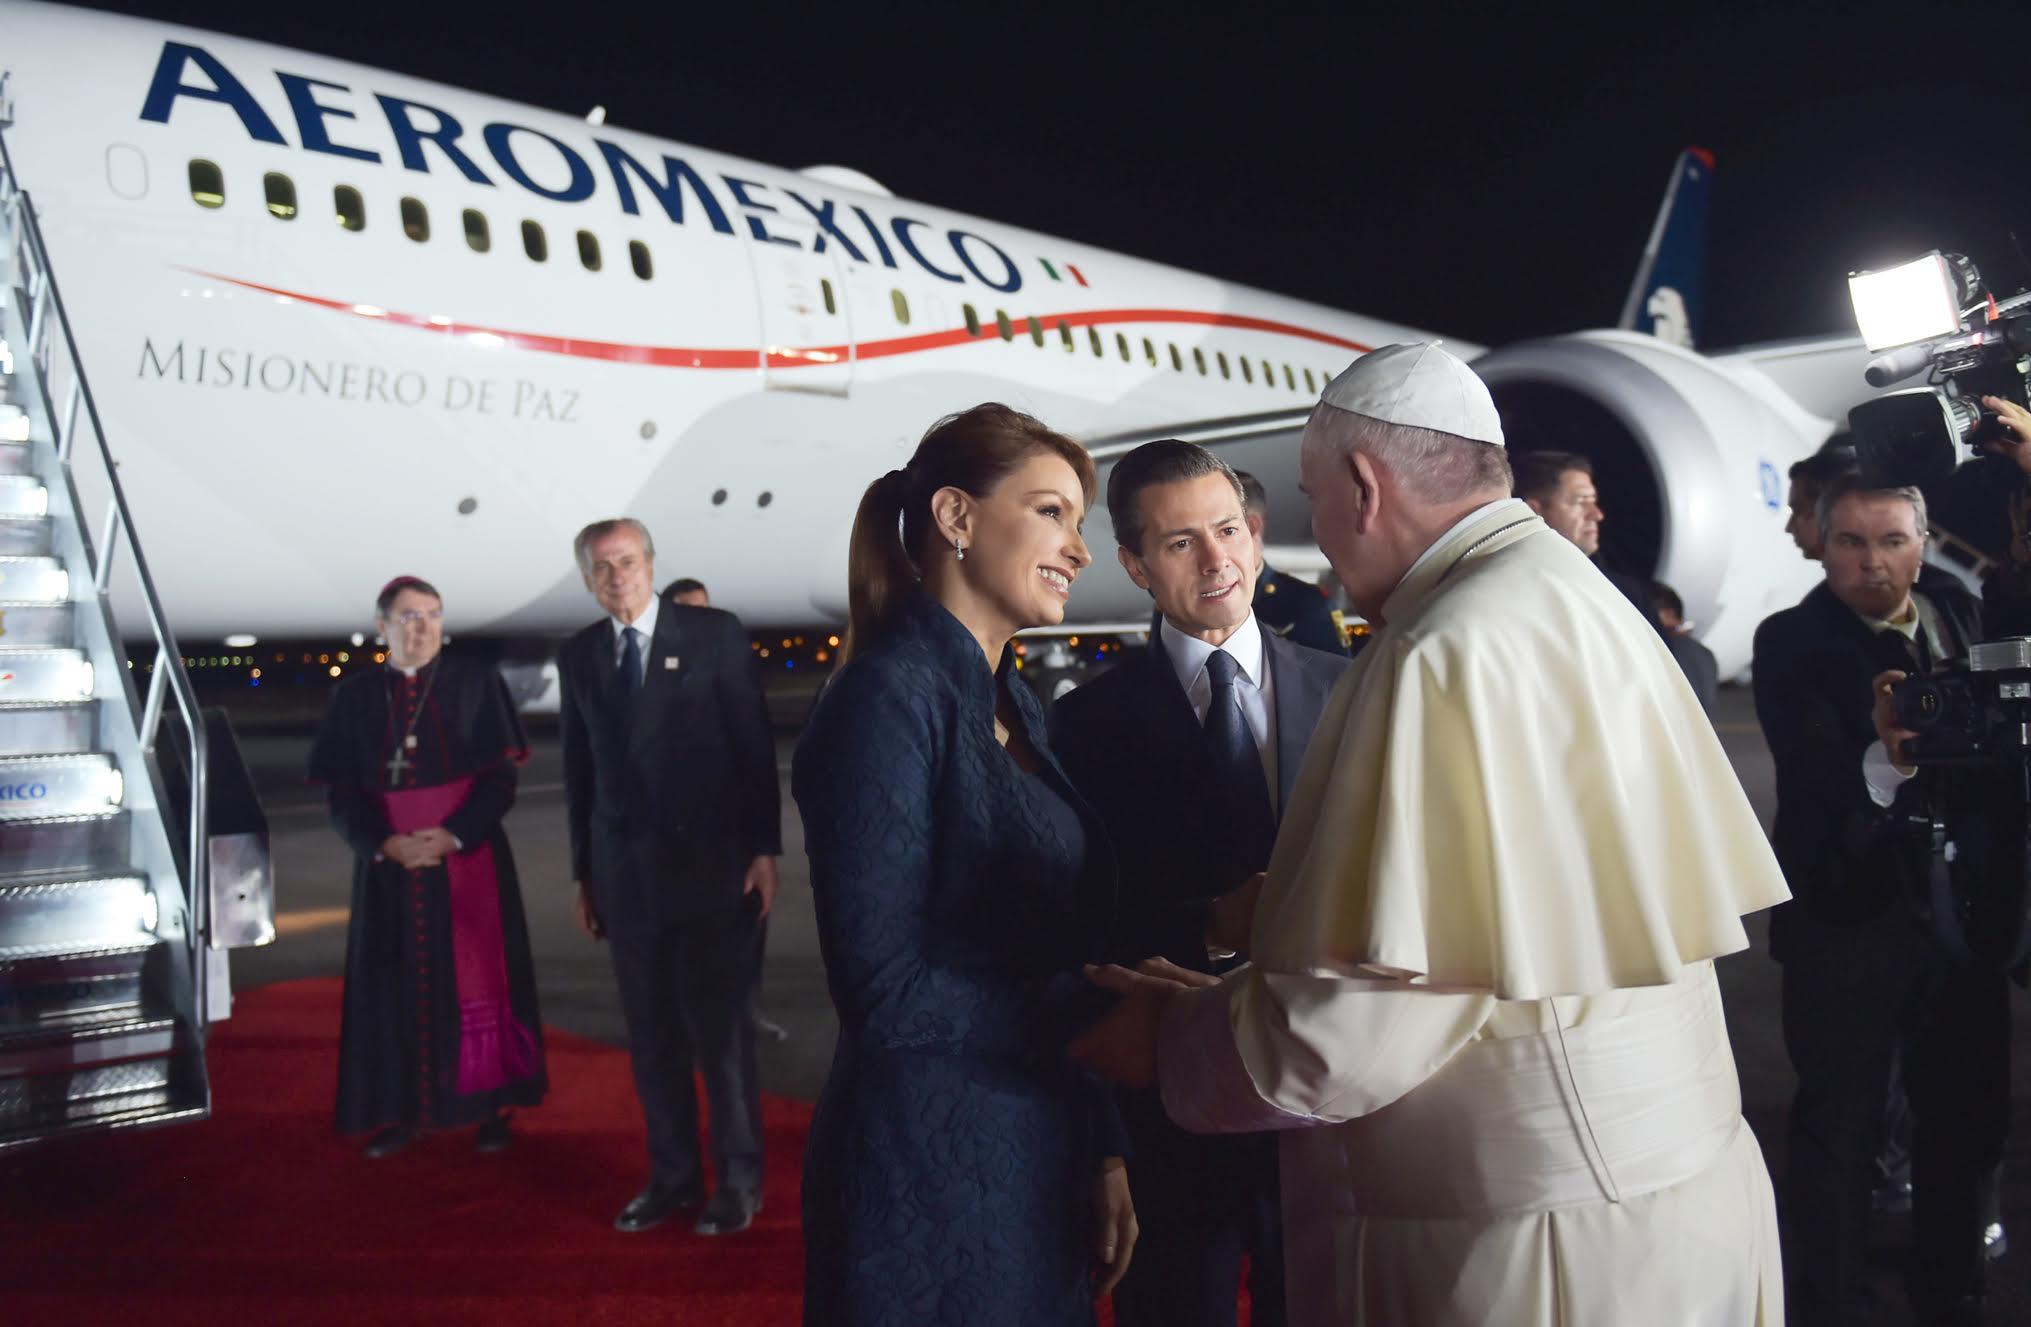 """En una emotiva ceremonia realizada en el Aeropuerto Internacional """"Abraham González"""", de Ciudad Juárez, el Mandatario mexicano y su esposa despidieron al Sumo Pontífice al pie de la escalerilla del avión que lo lleva de regreso a Roma."""